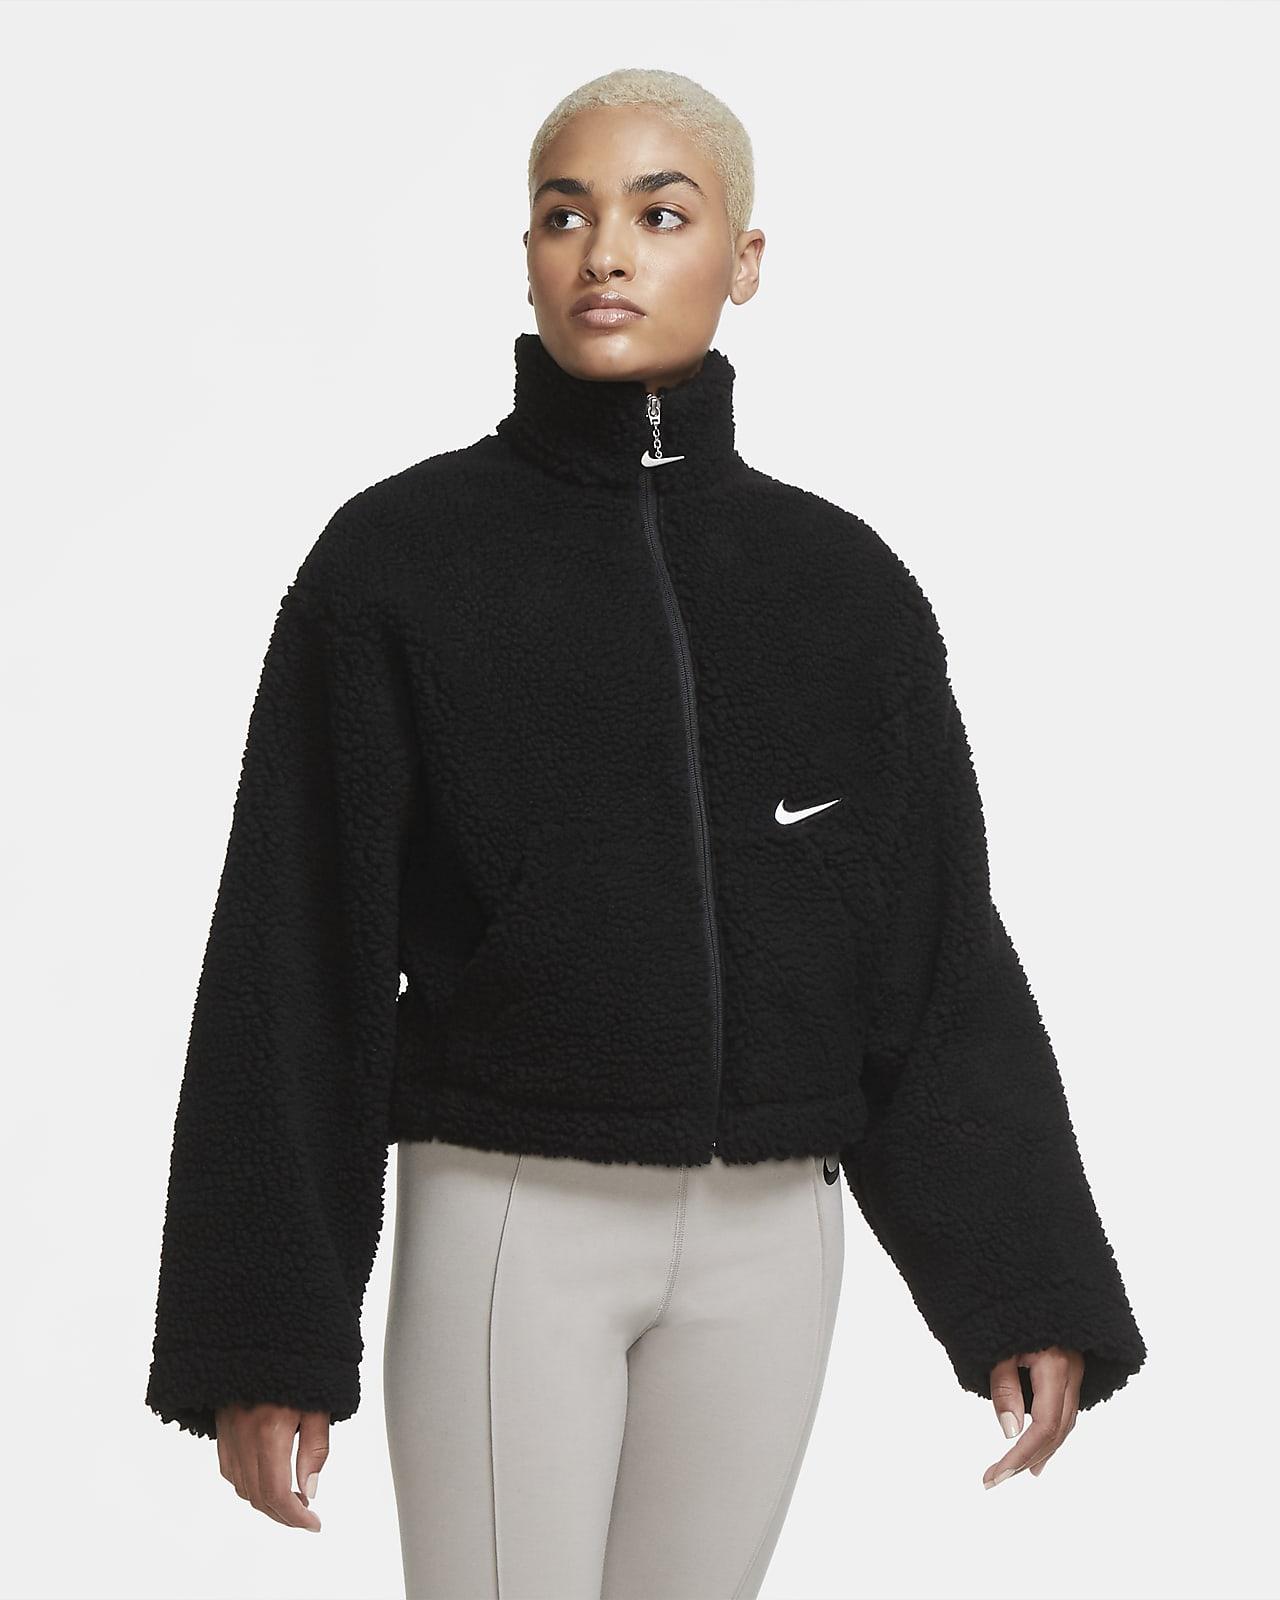 Nike Sportswear Swoosh Damenjacke